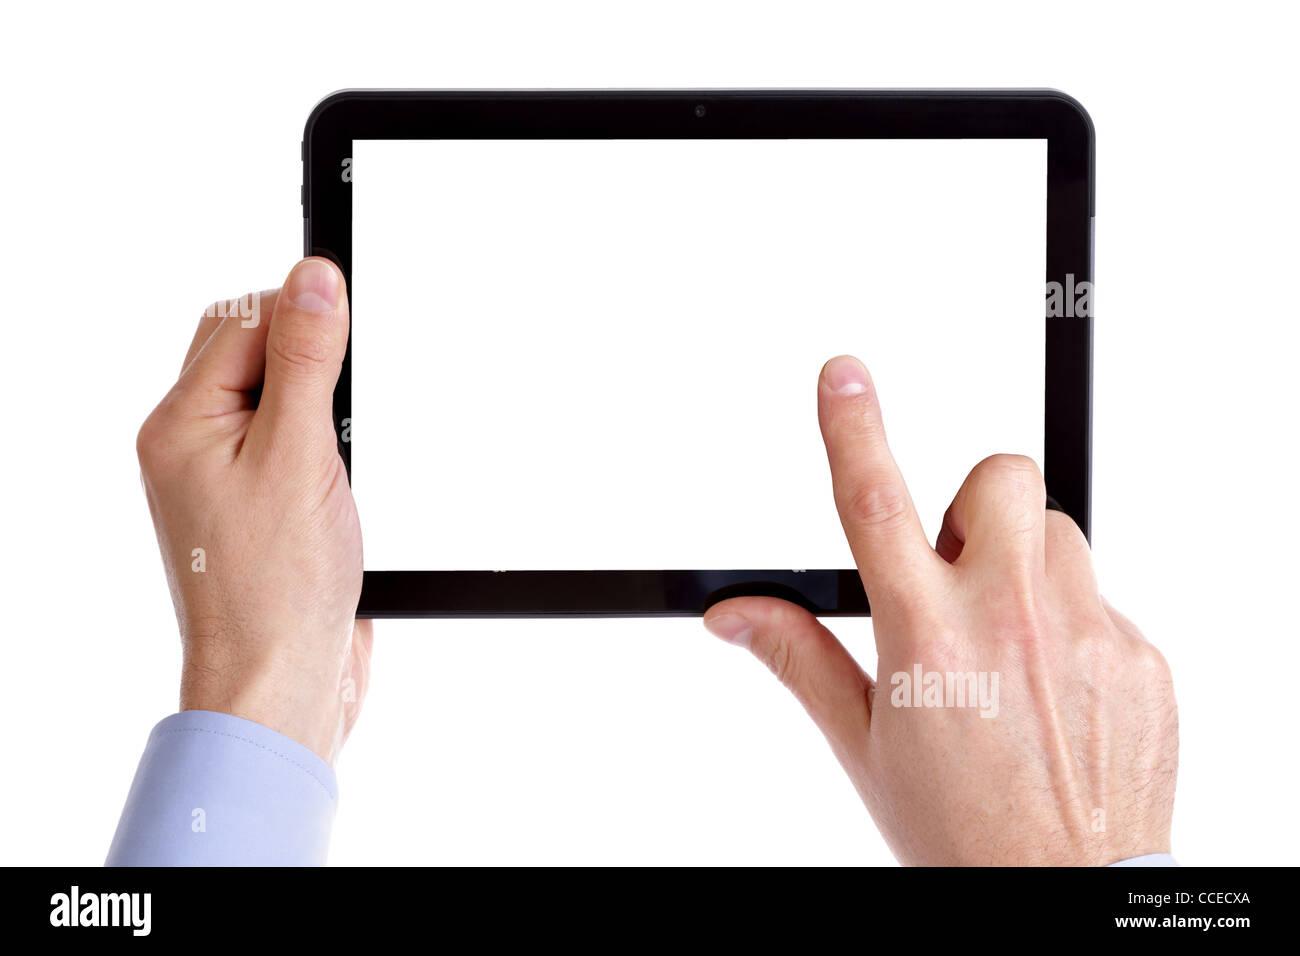 Holding et toucher digital tablet Photo Stock